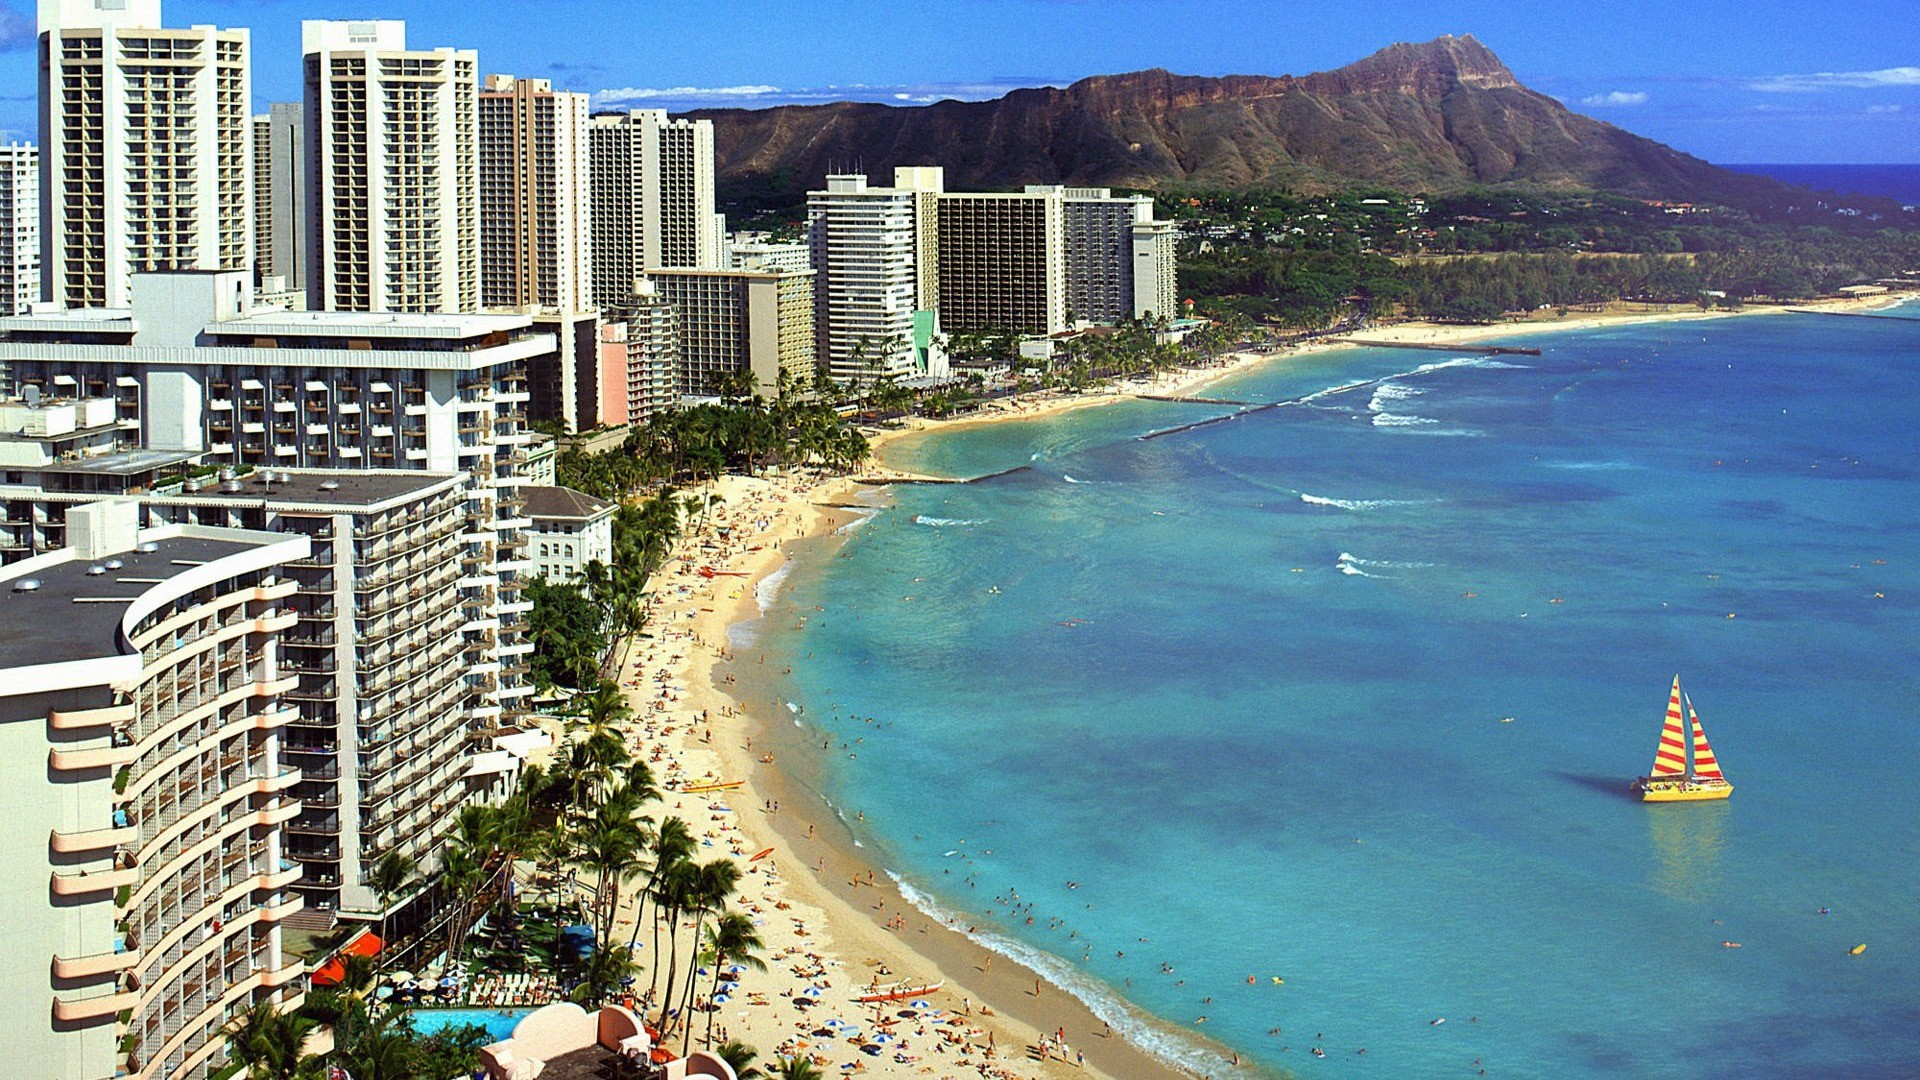 hawaii diamond beach hd wallpaper | wallpapers55.com – Best Wallpapers .